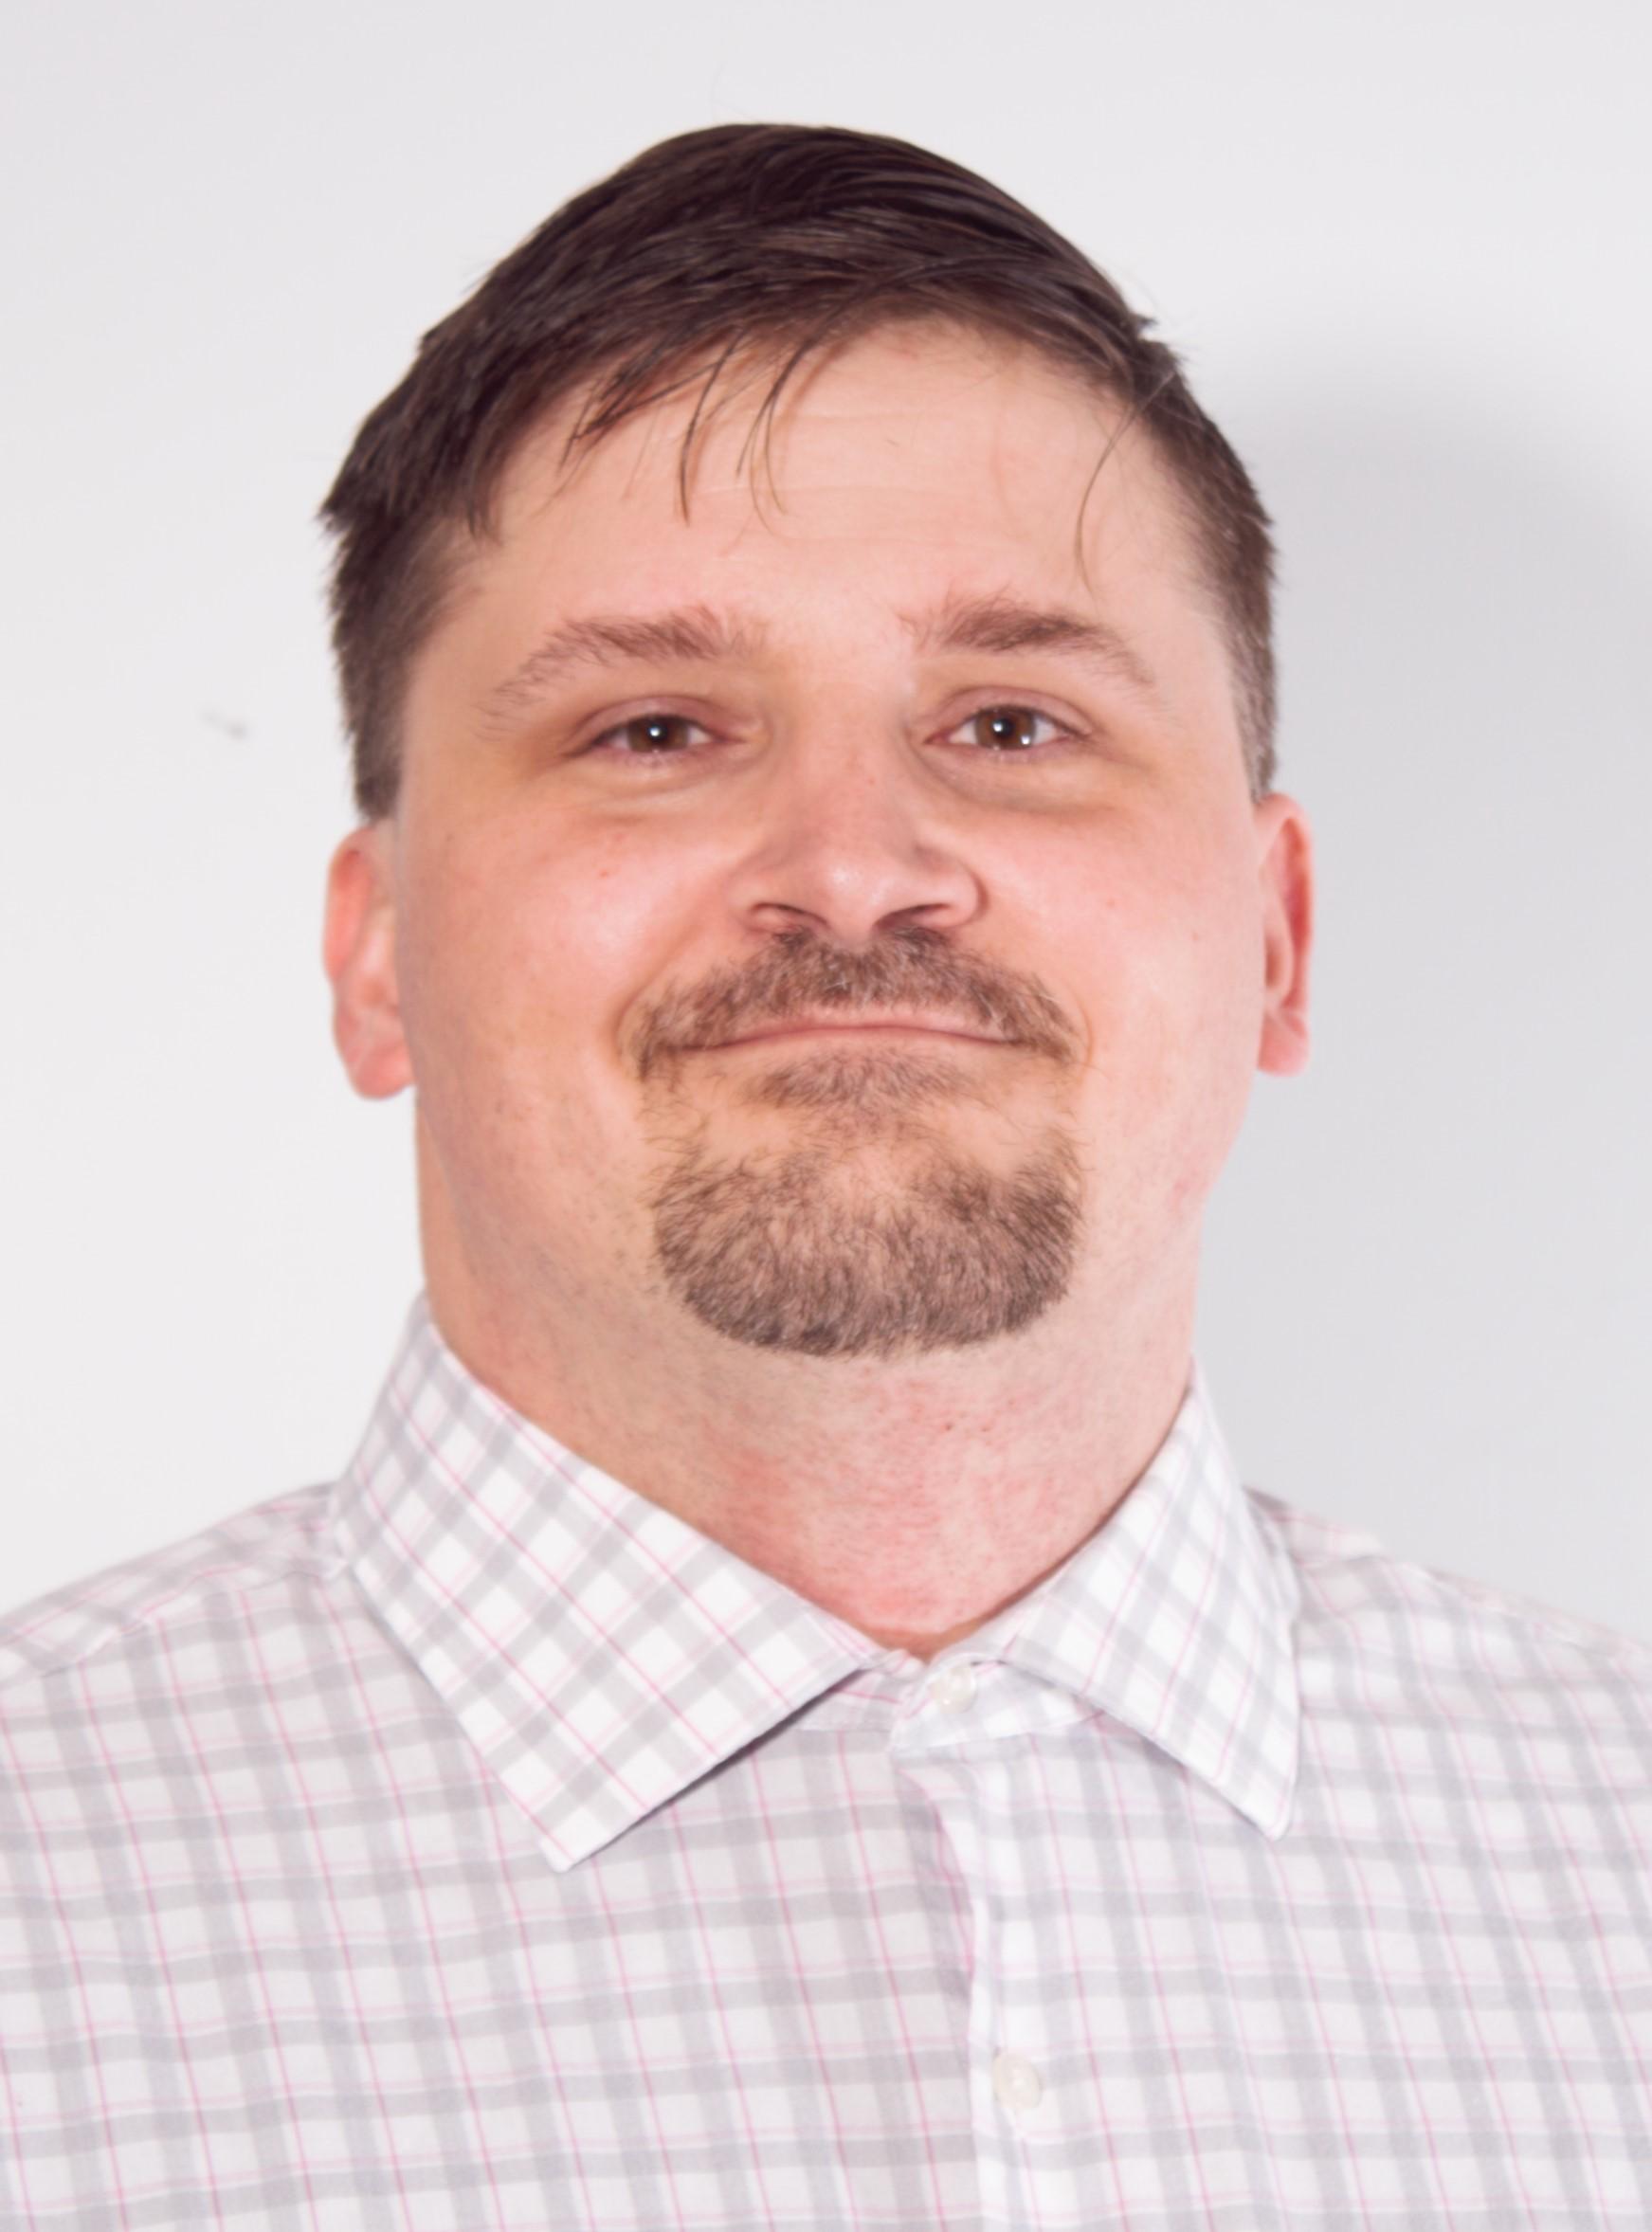 Matt Knezel